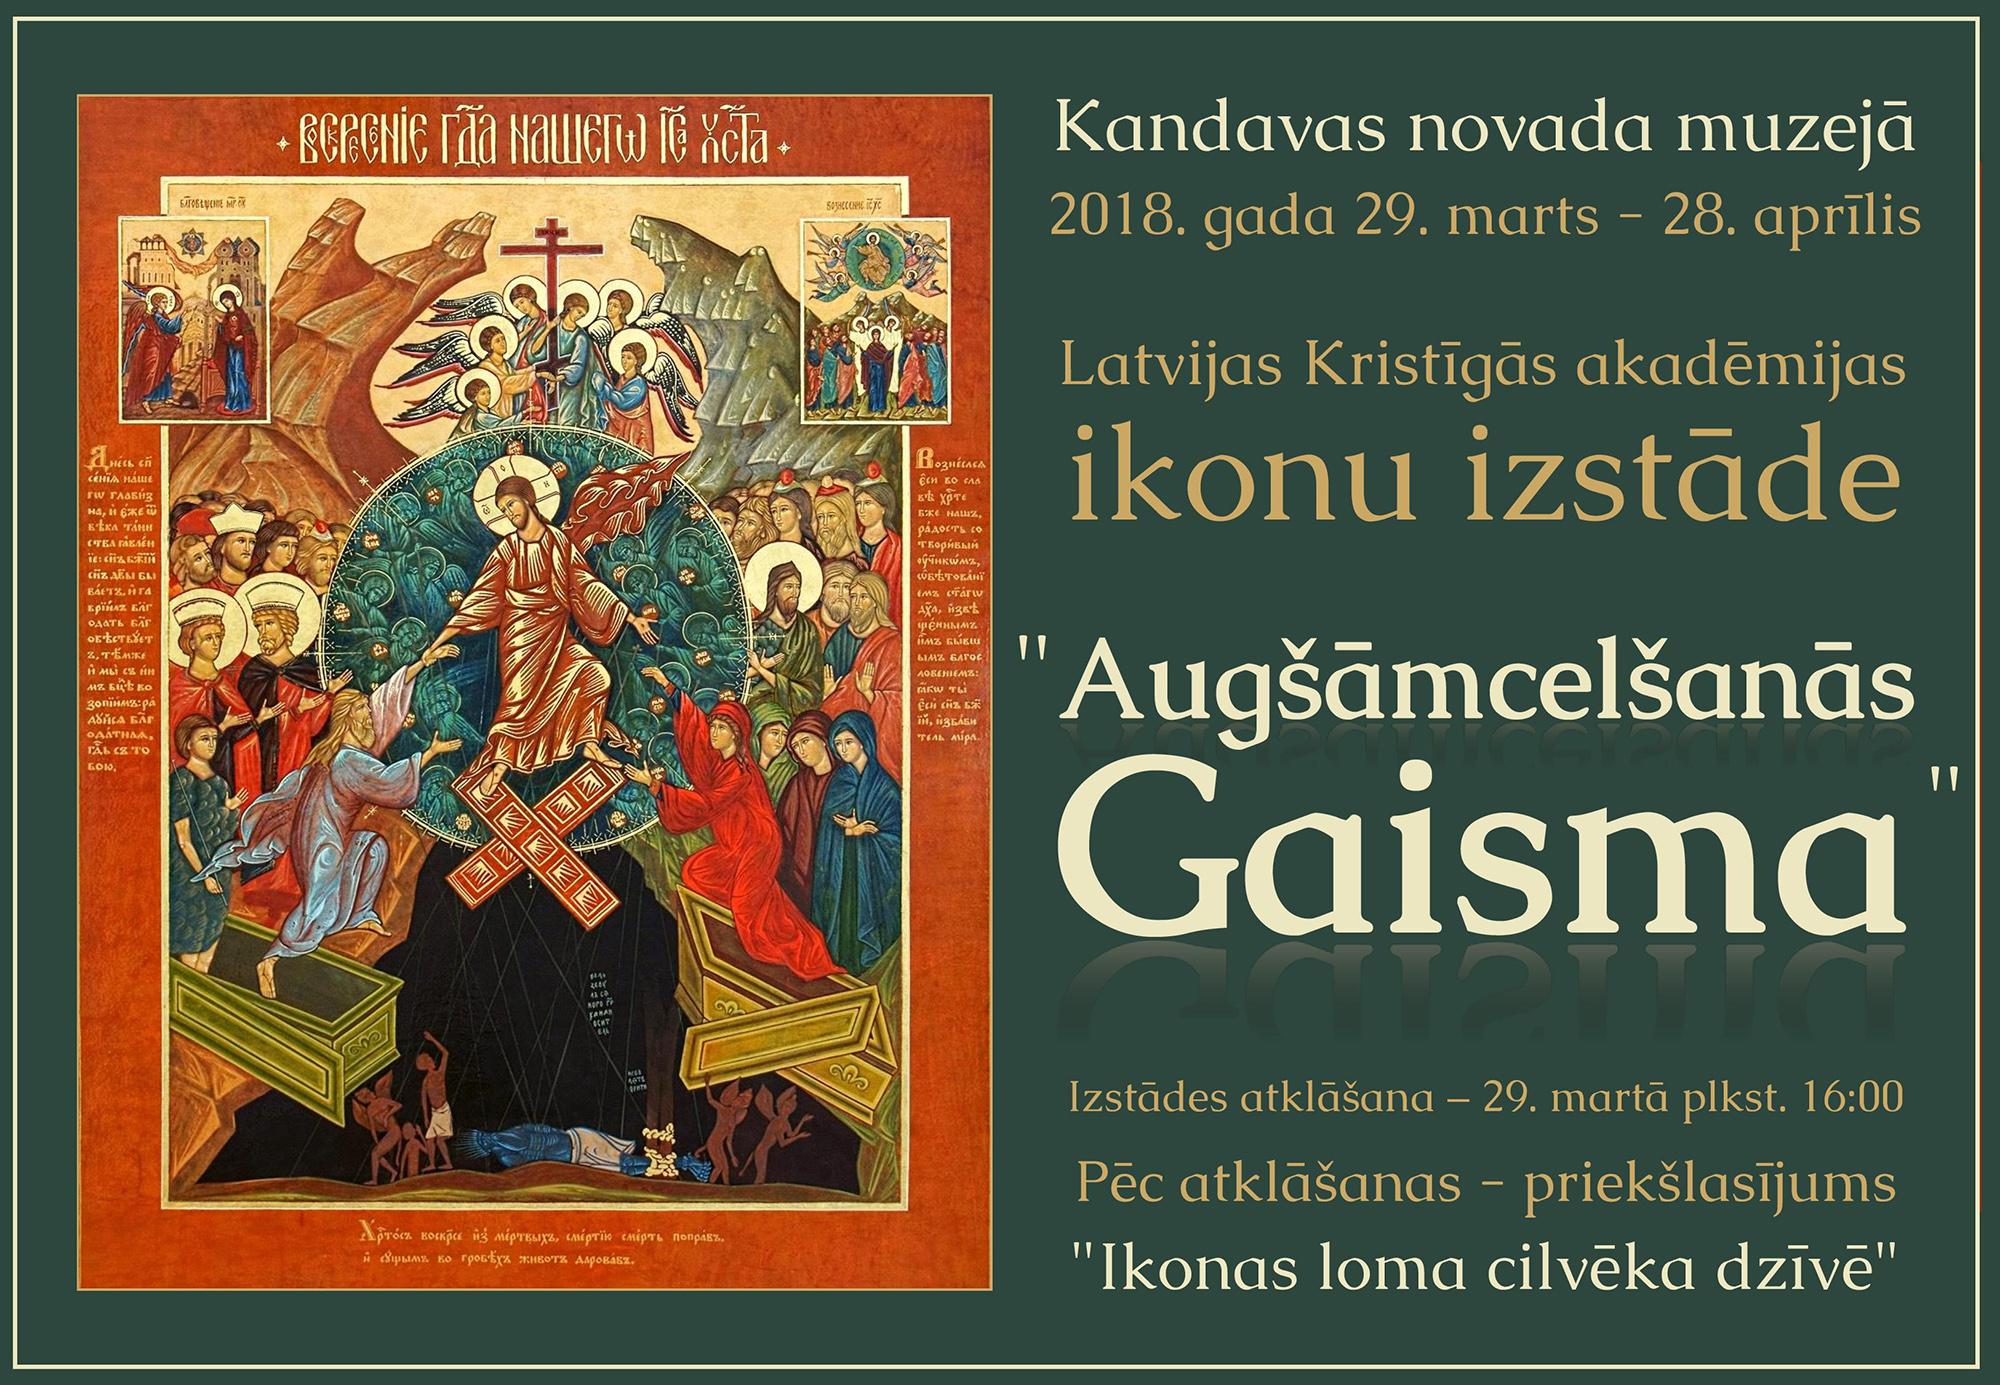 Kristīgās Akadēmijas ikonu izstāde Kandavas novada muzejā!